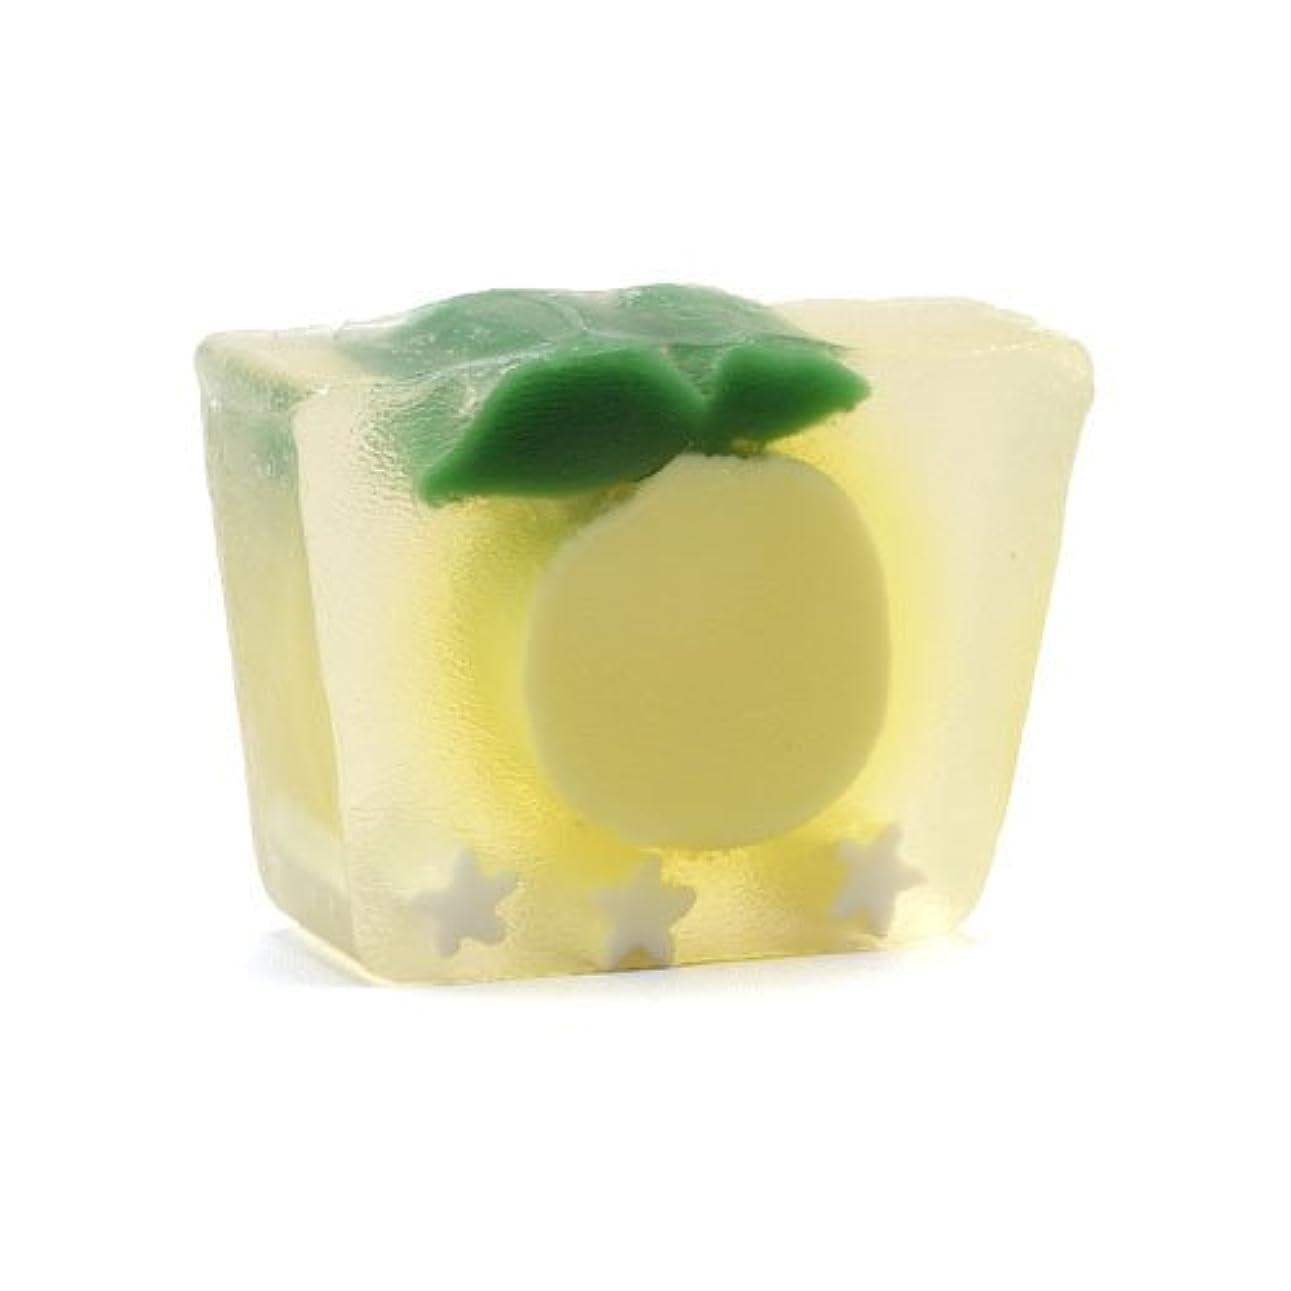 配列誇張する化学薬品プライモールエレメンツ アロマティック ミニソープ カリフォルニアレモン 80g 植物性 ナチュラル 石鹸 無添加